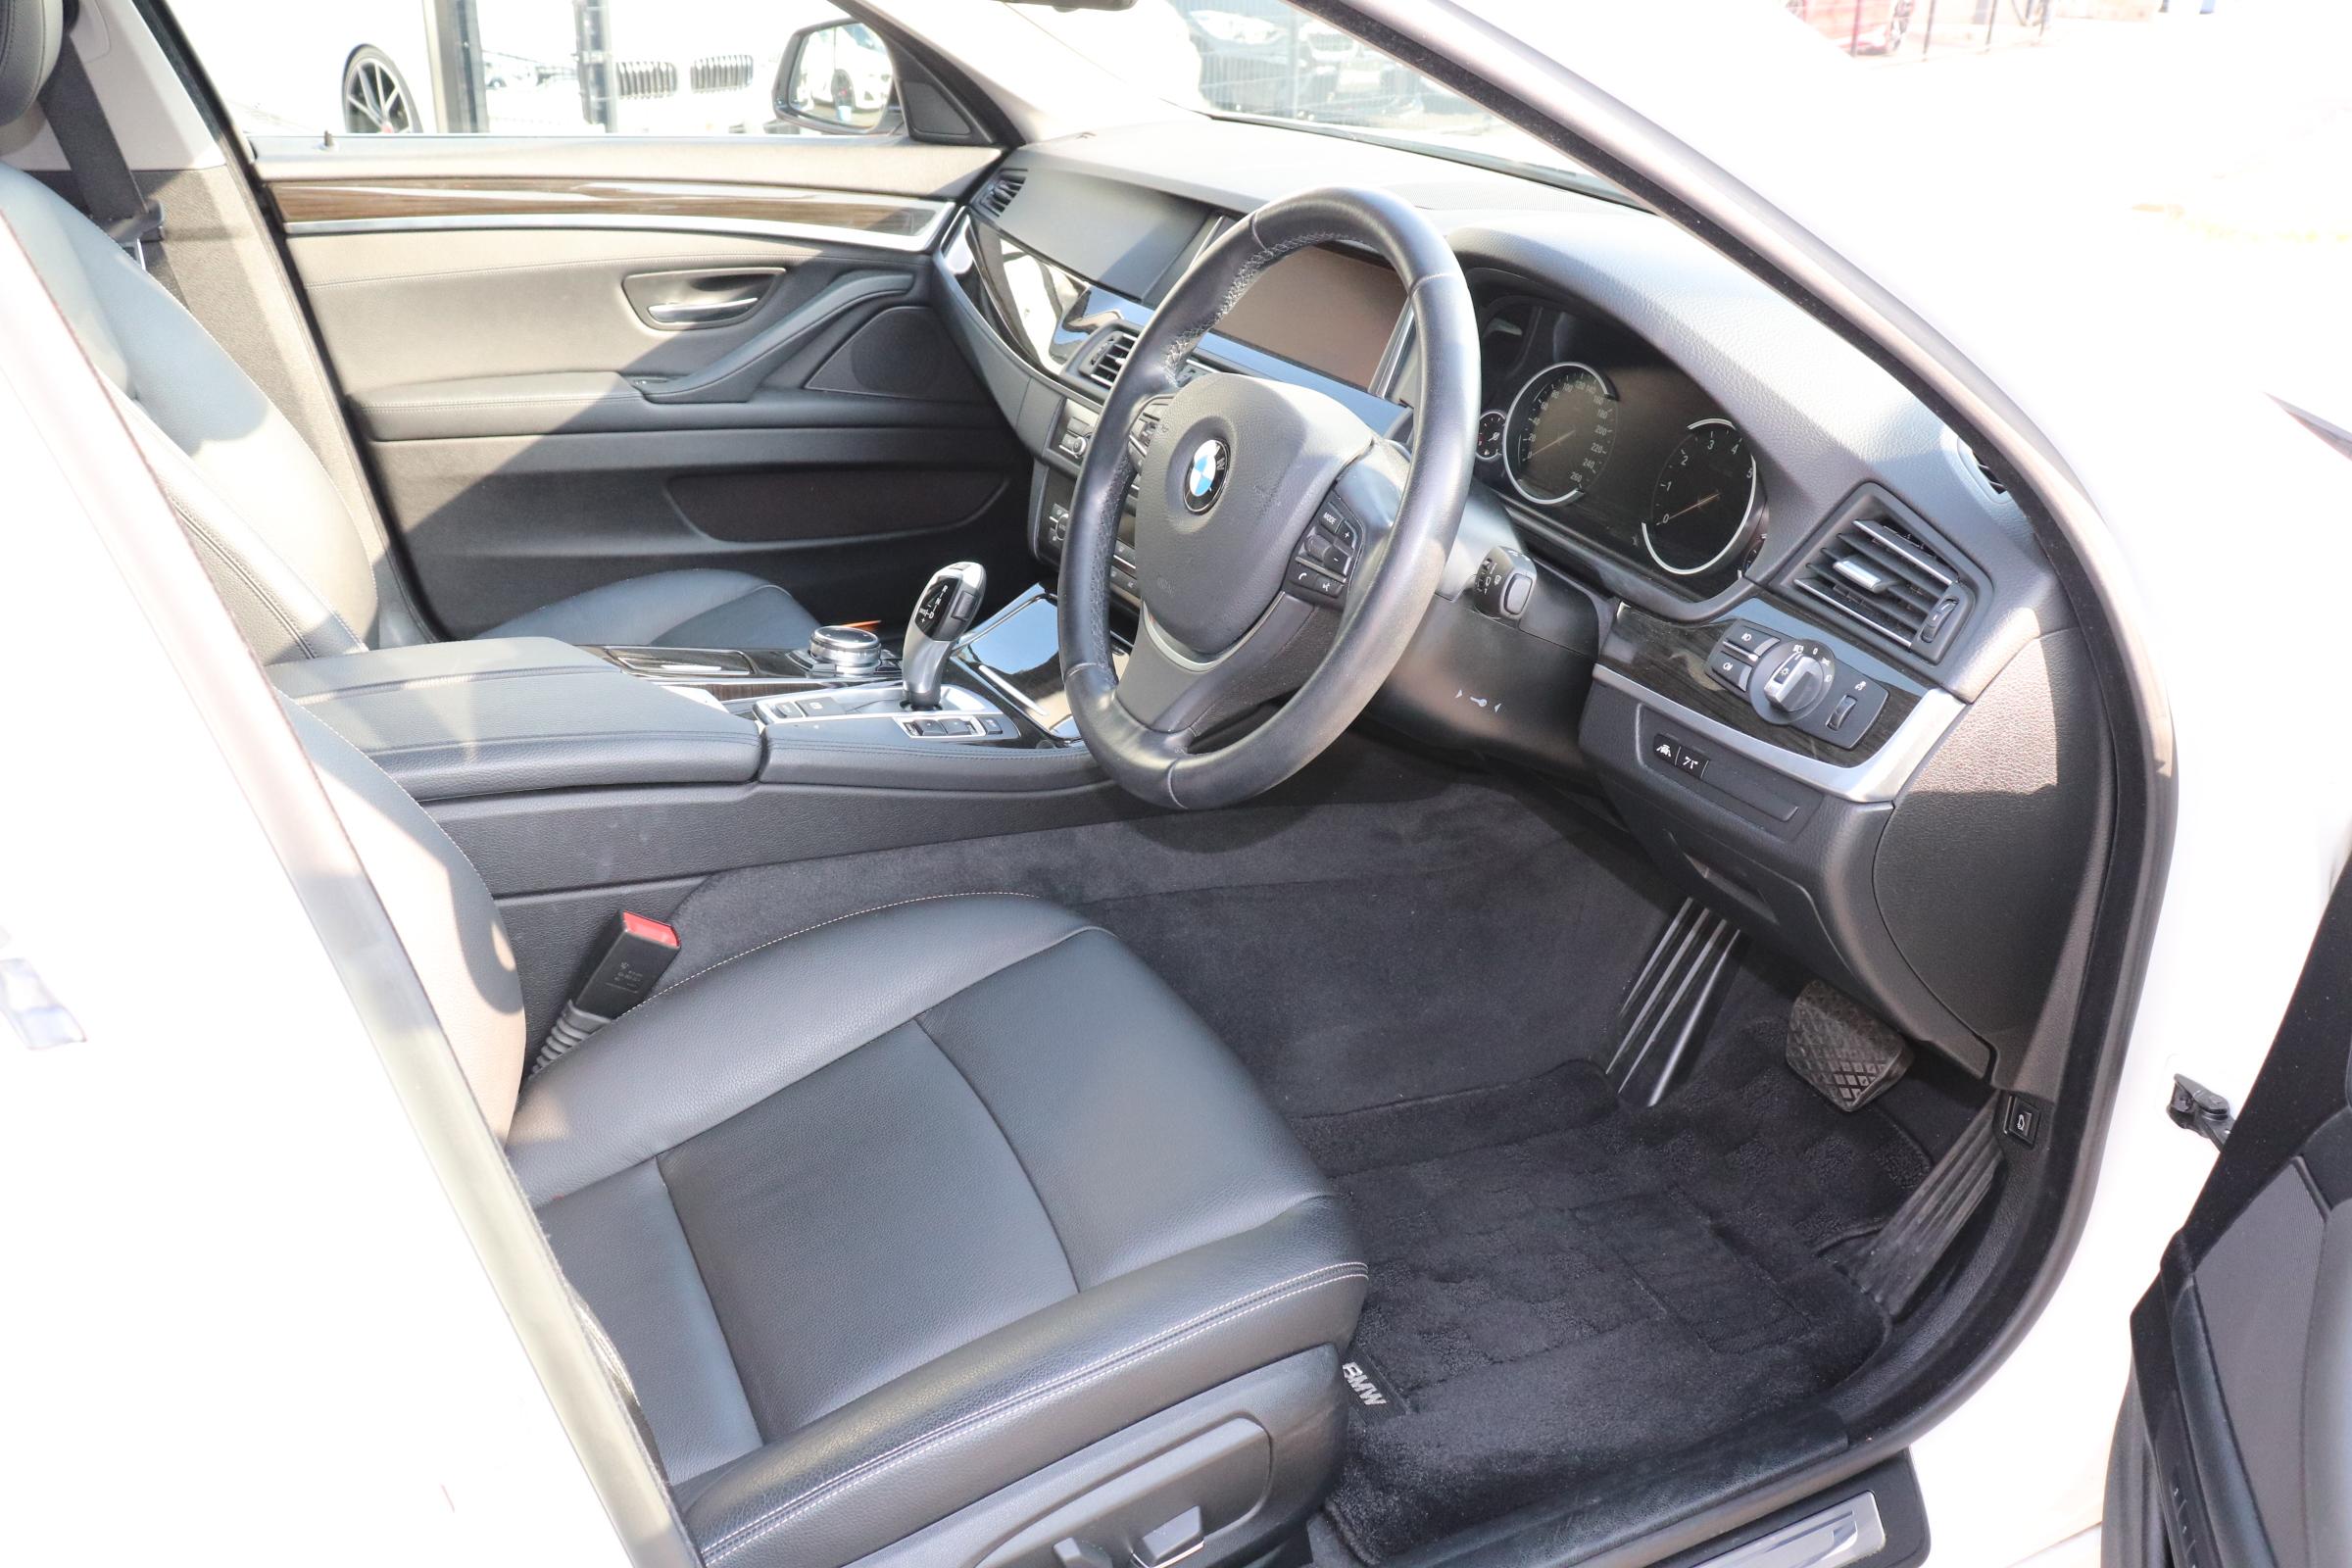 528iツーリング ラグジュアリー BEAMコンプリートカーLEDメーター&LEDライト ブラックAW車両画像11